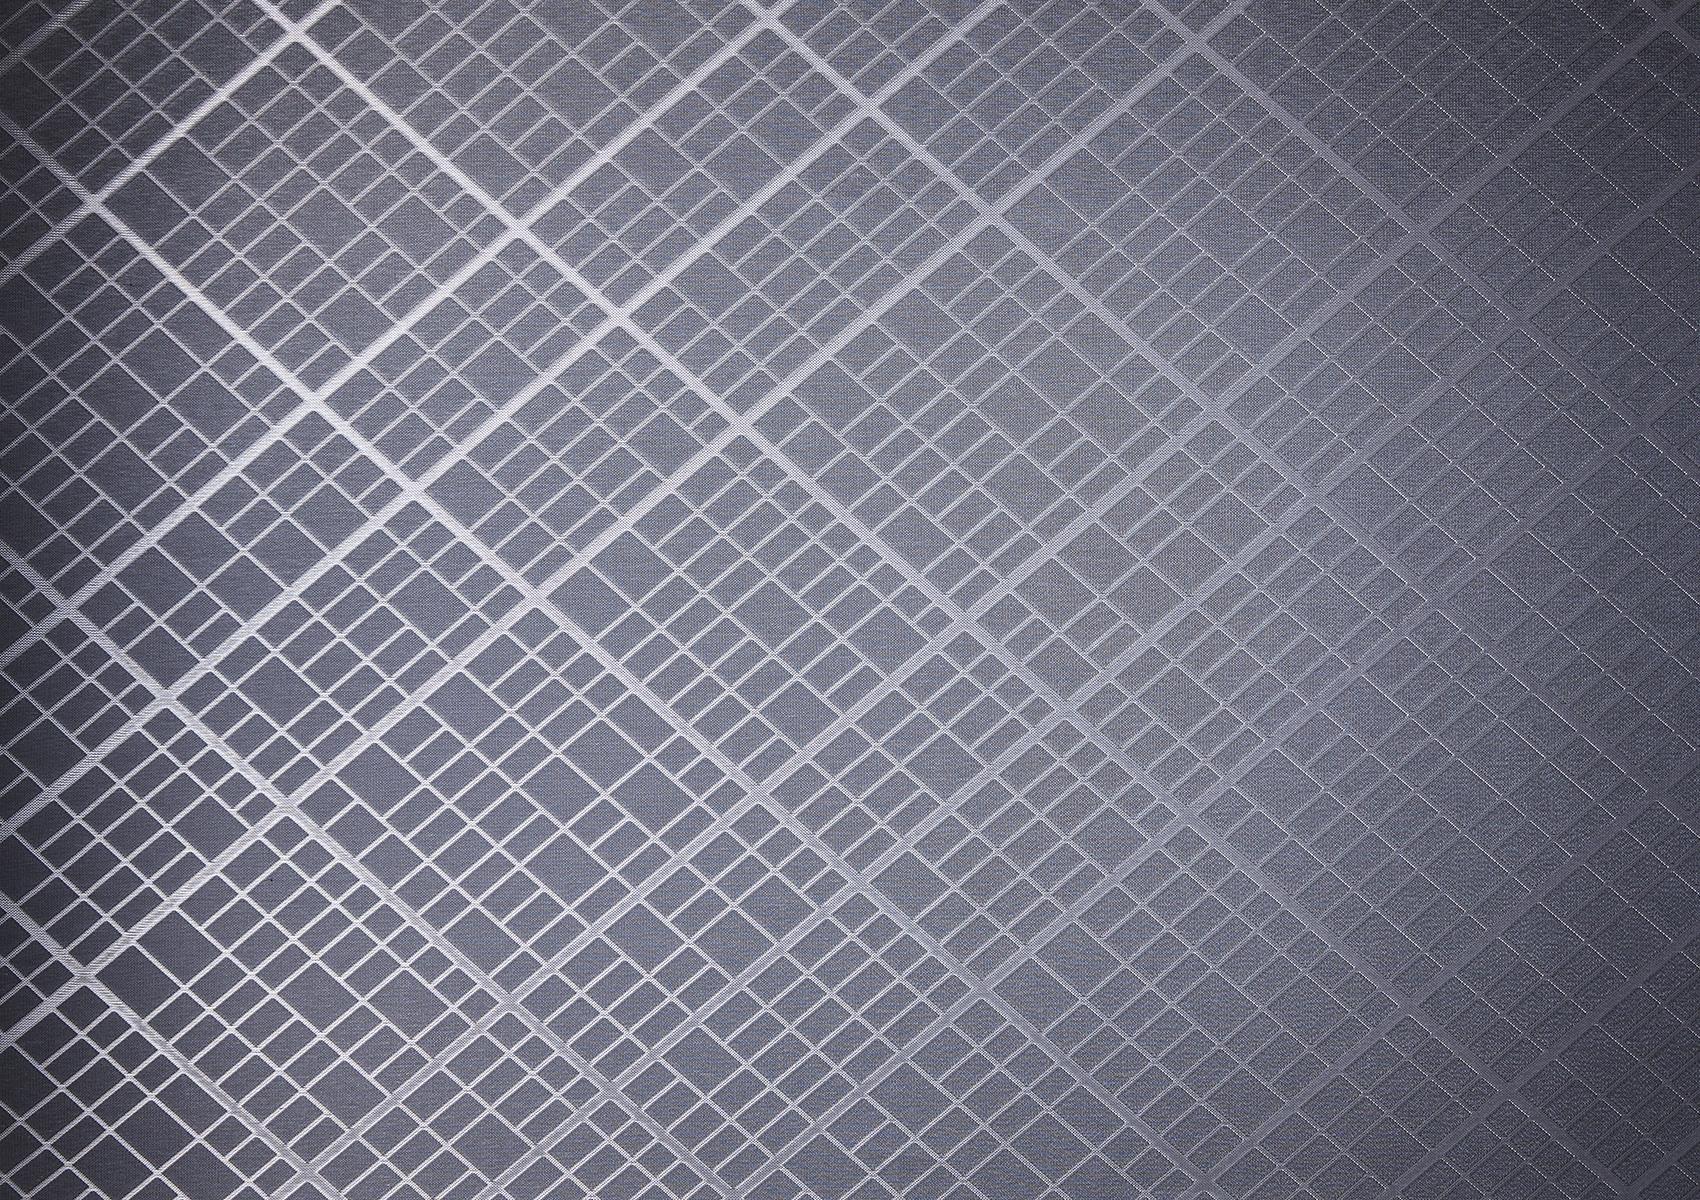 fabric_stone_ダークグレー